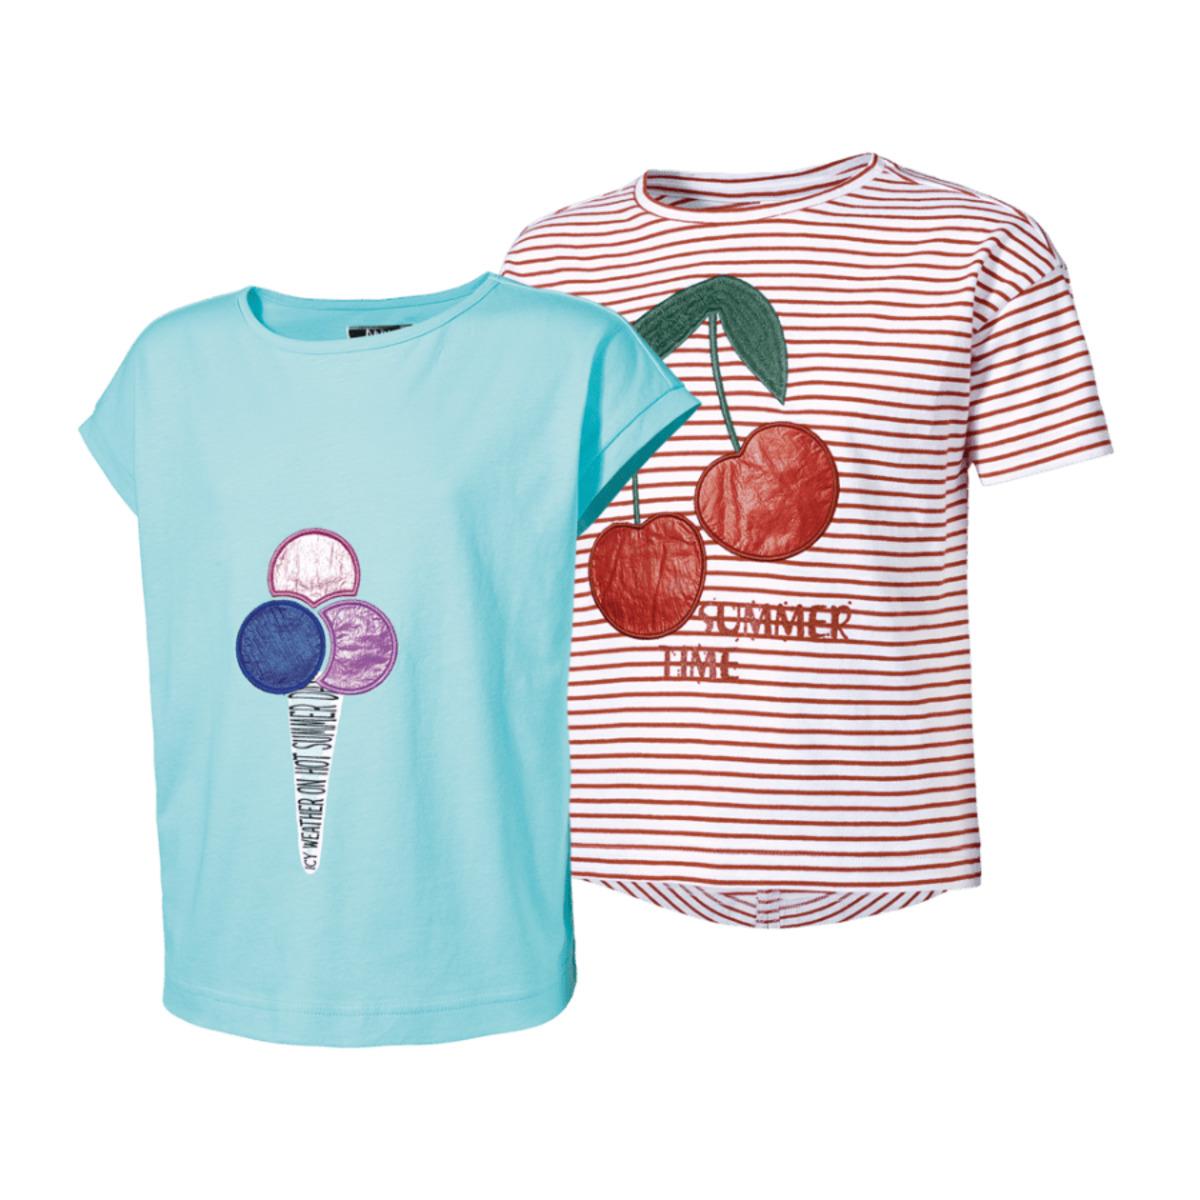 Bild 5 von POCOPIANO     T-Shirts